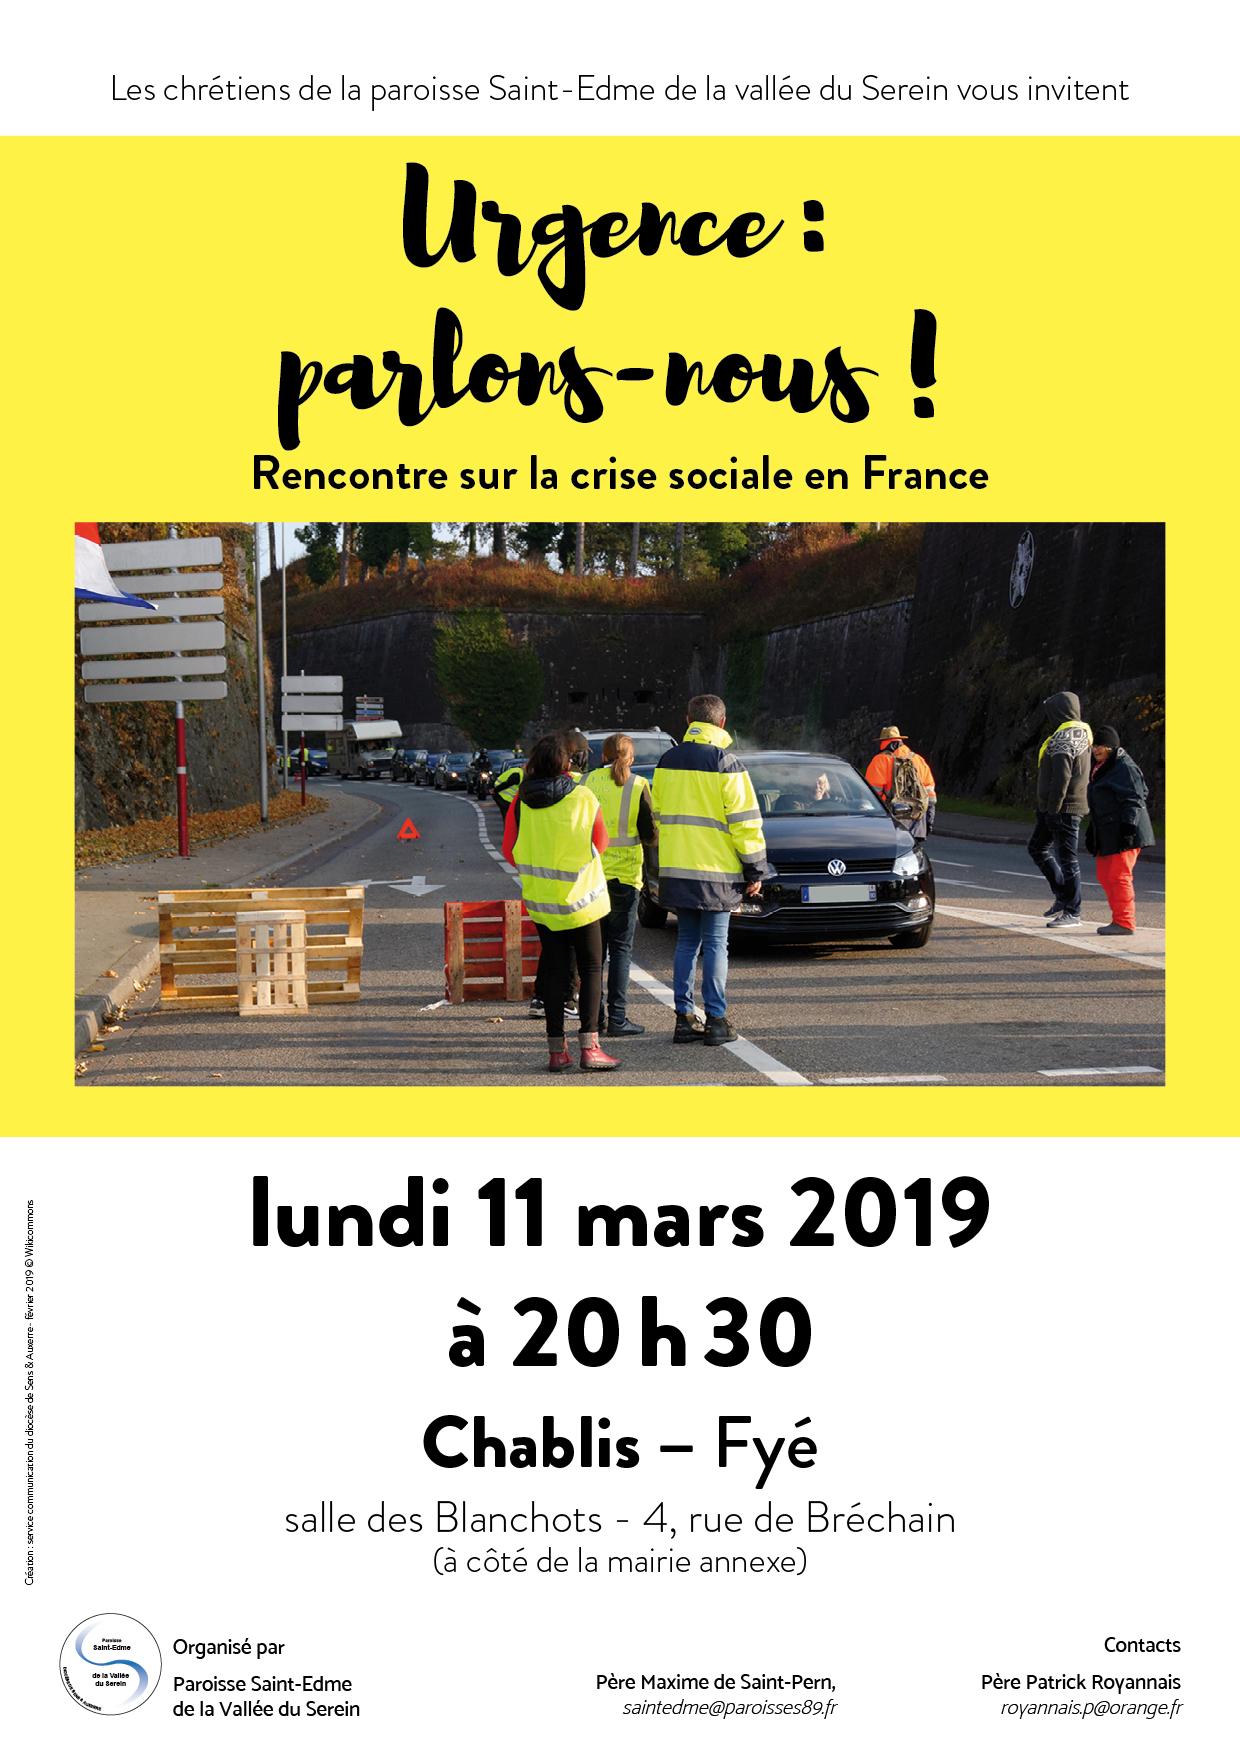 Urgence: parlons-nous! Rencontre sur la crise sociale le 11 mars 2019 à Chablis-Fyé (72)